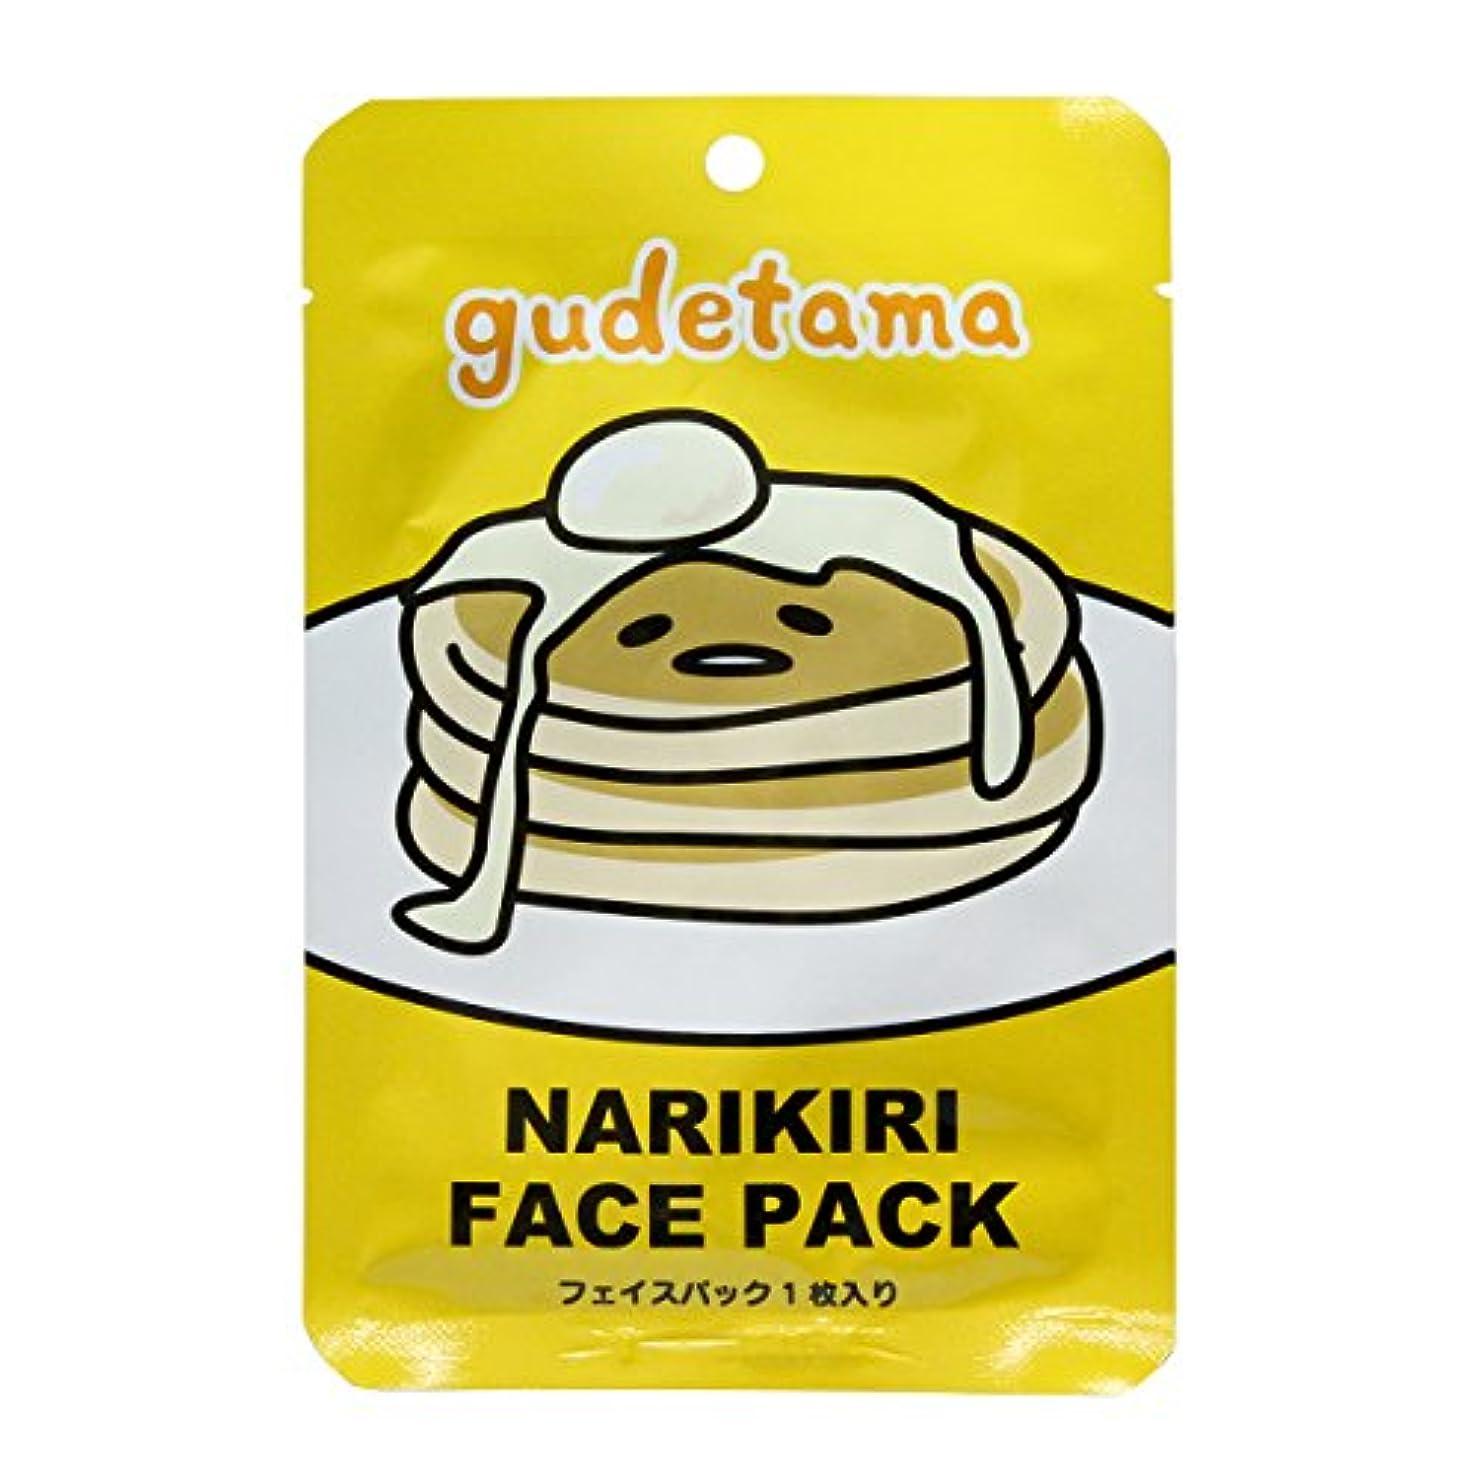 産地幹大きなスケールで見るとぐでたま なりきりフェイスパック パンケーキ バニラの香り (20mL × 1枚入)